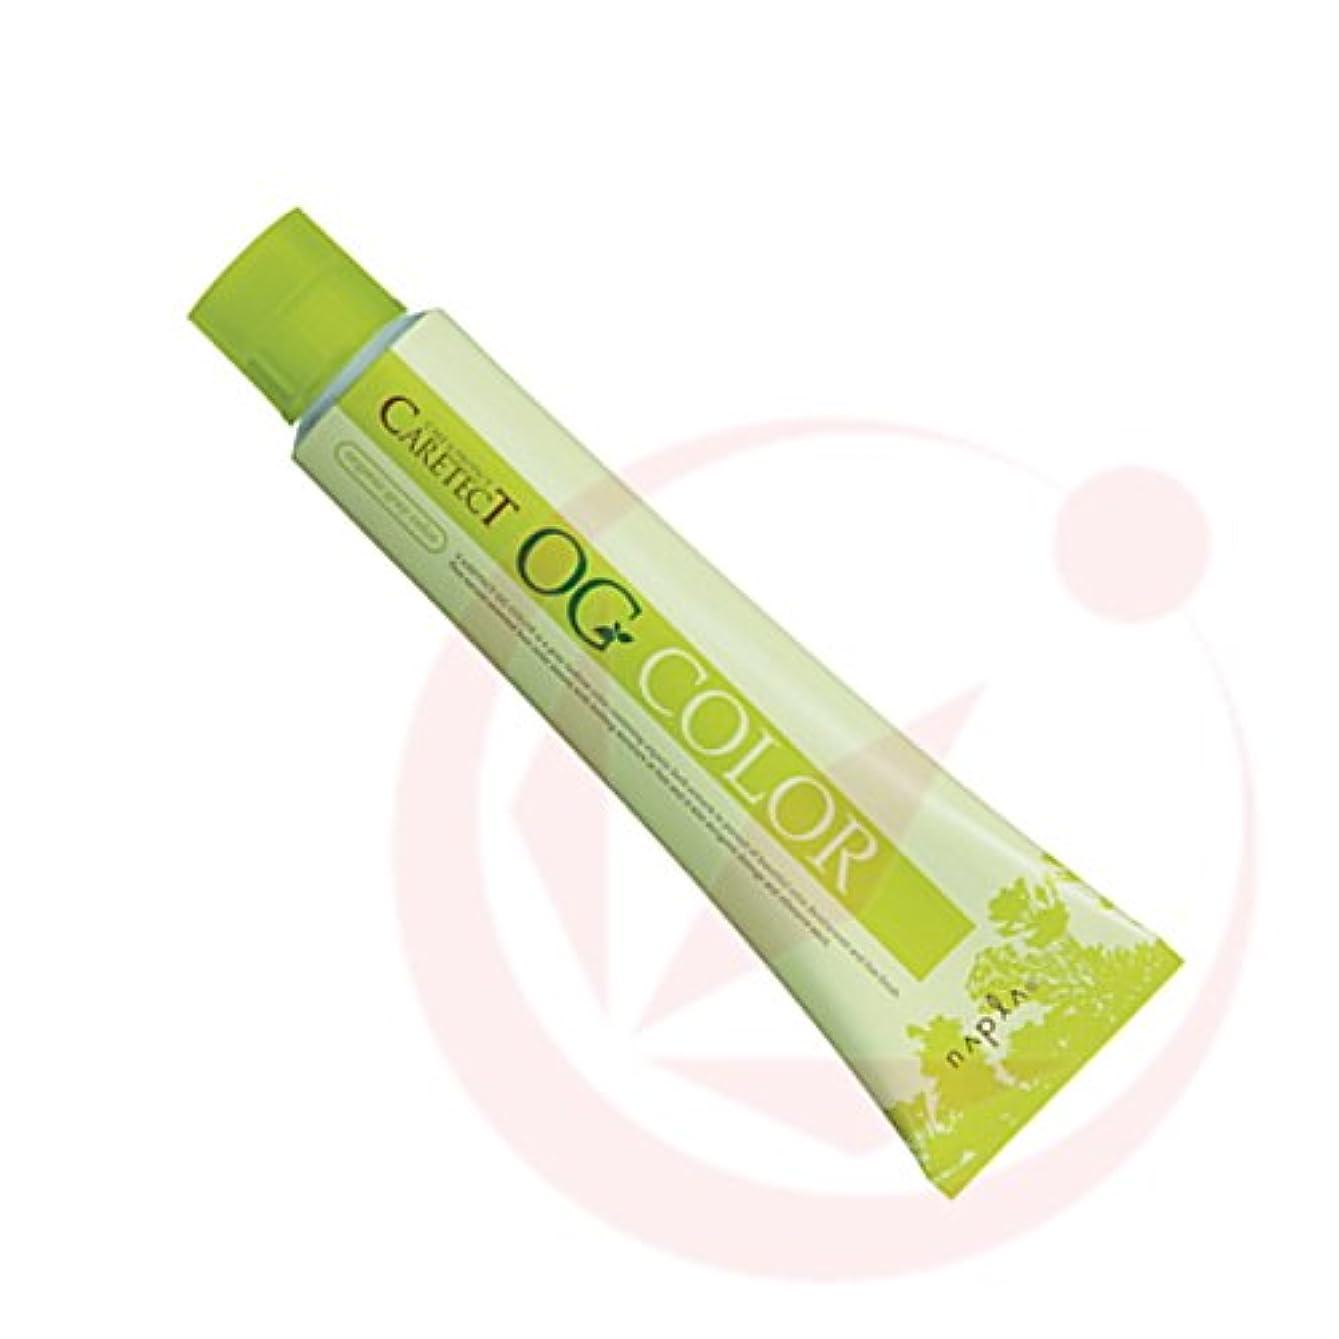 パットしなやかうまくいけばナプラ ケアテクトOG カラー ココア 80g(1剤) 【ココア】O-Co6